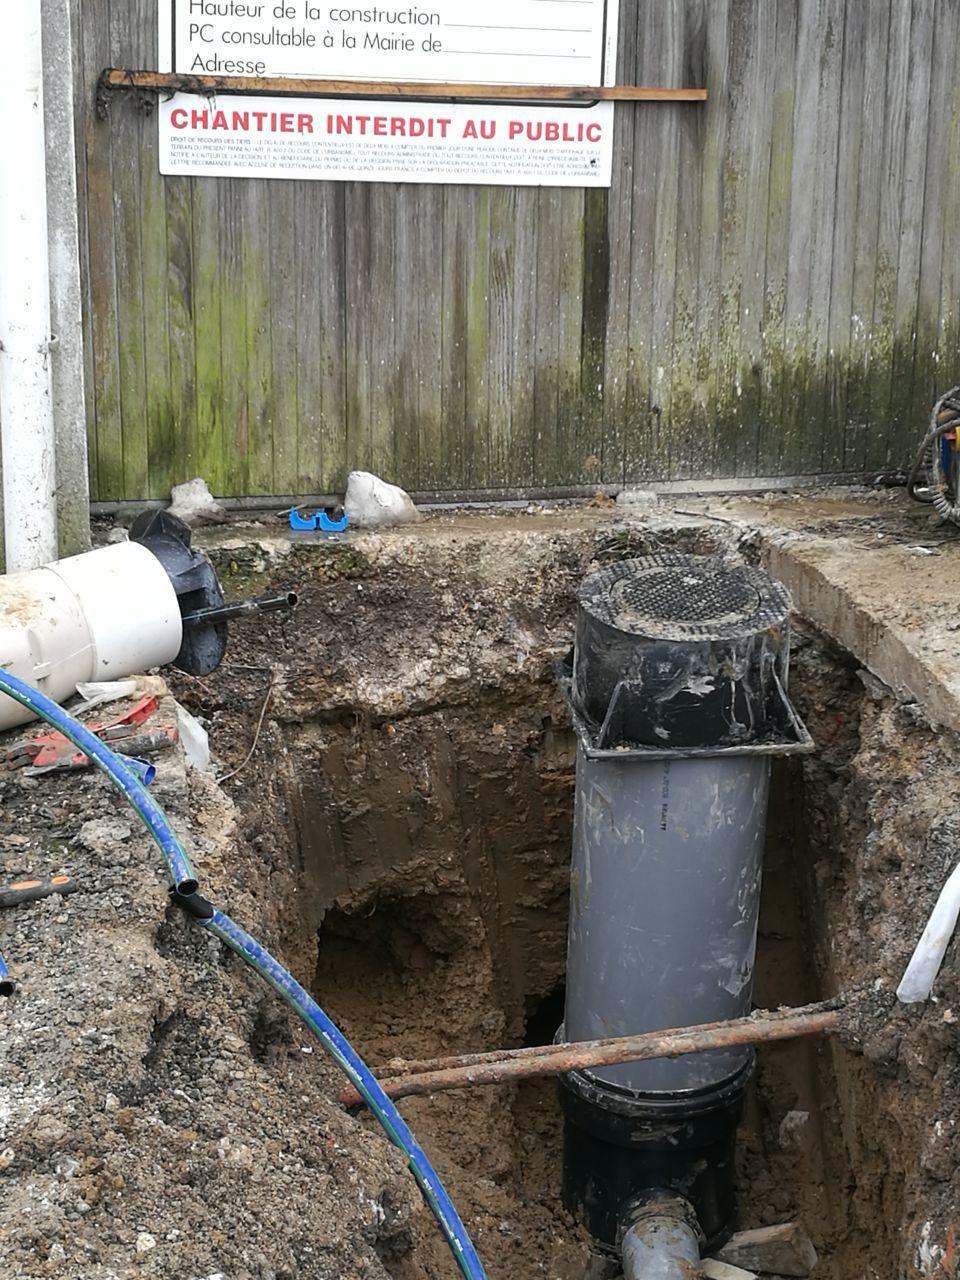 création de canalisations d'eau potable et assainissement sur voirie